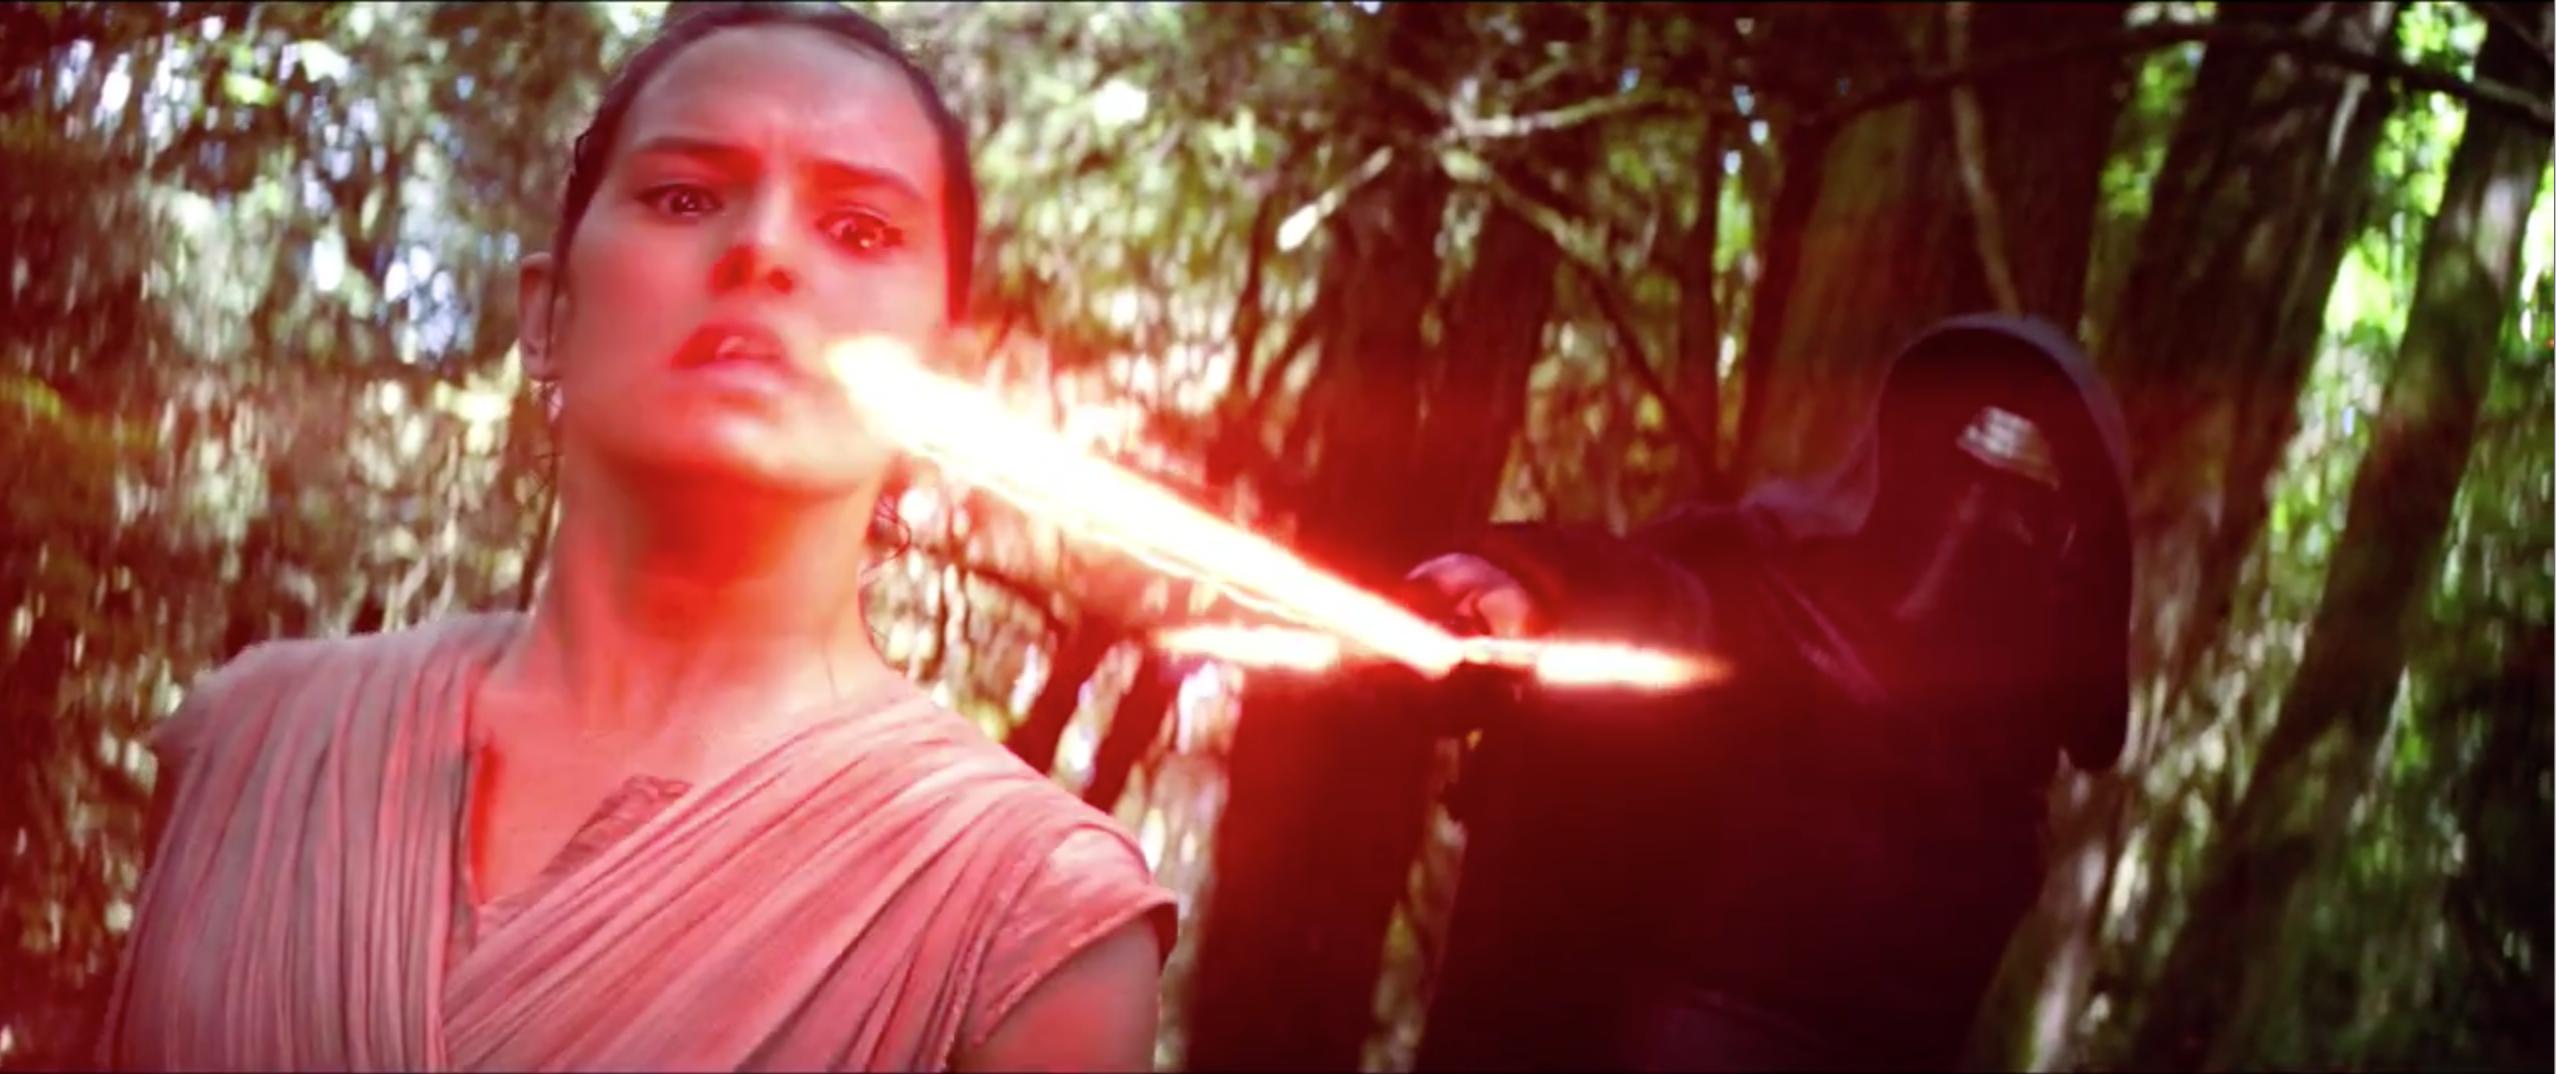 Star Wars - Il risveglio della Forza: Rey minacciata da Kylo Ren nel trailer giapponese